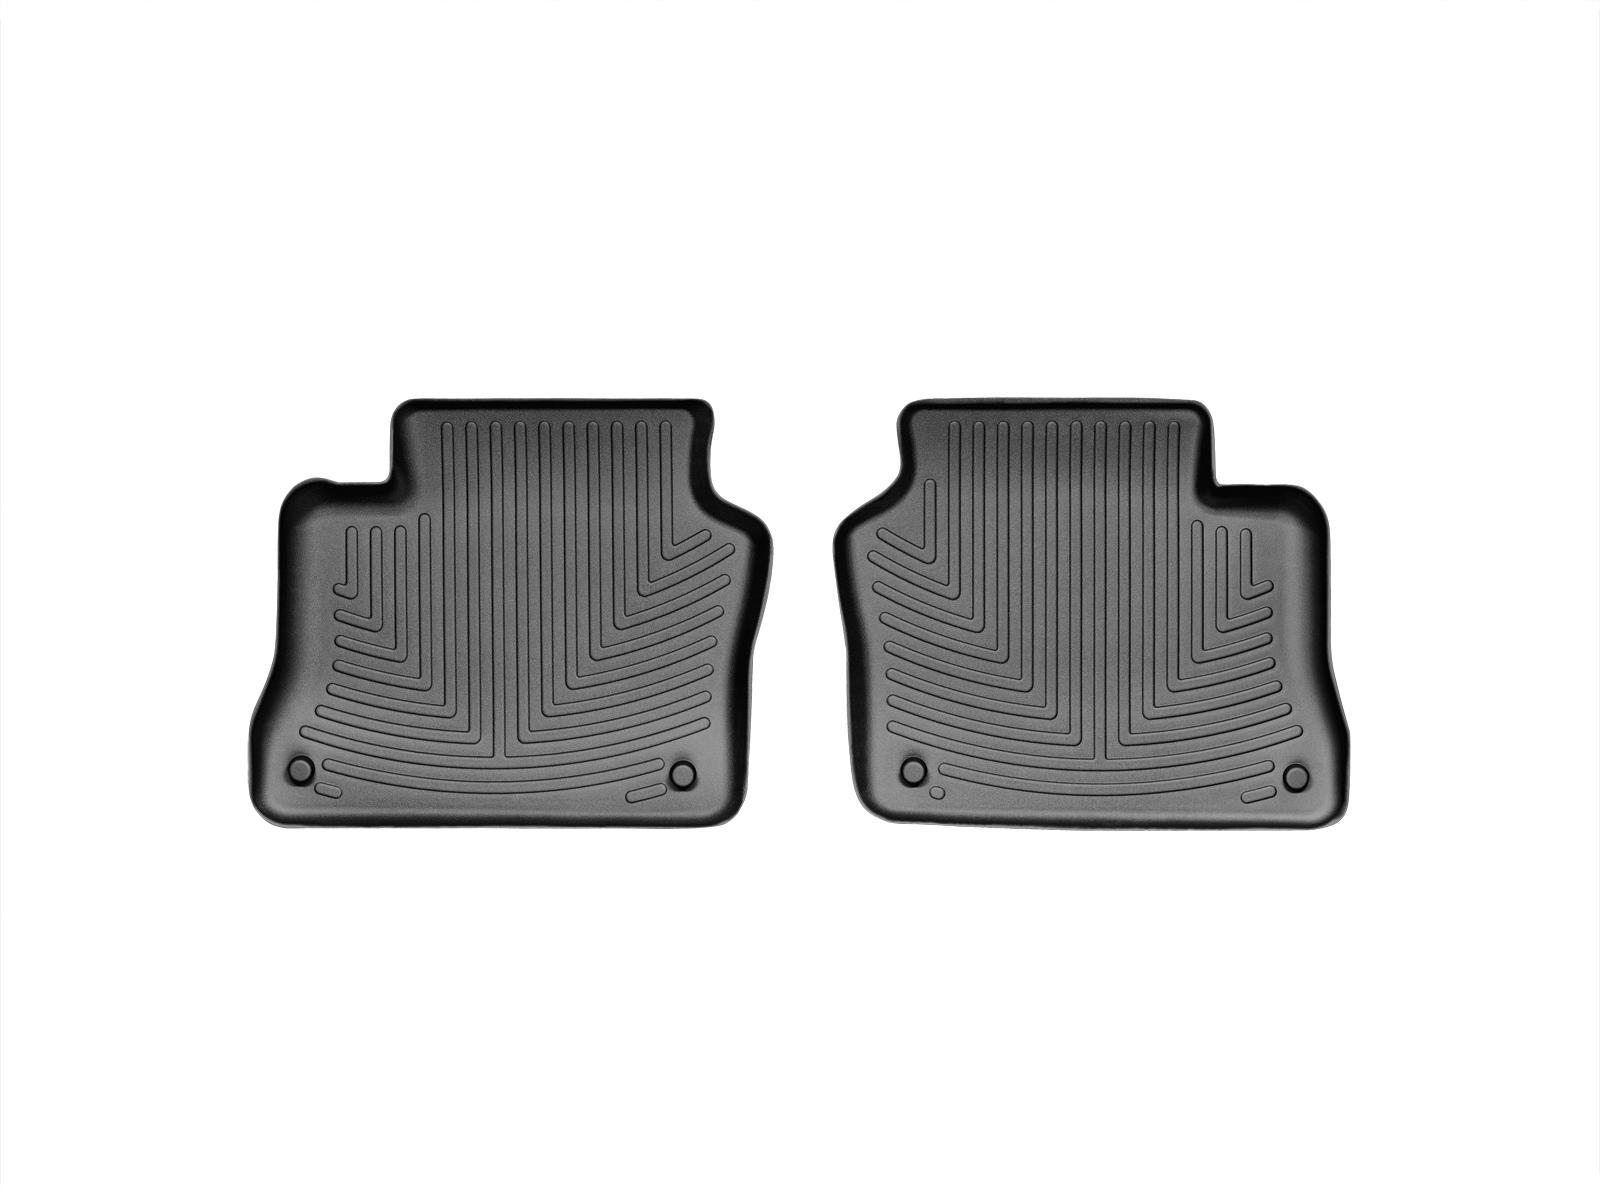 Tappeti gomma su misura bordo alto Porsche® Panamera 10>16 Nero A3176